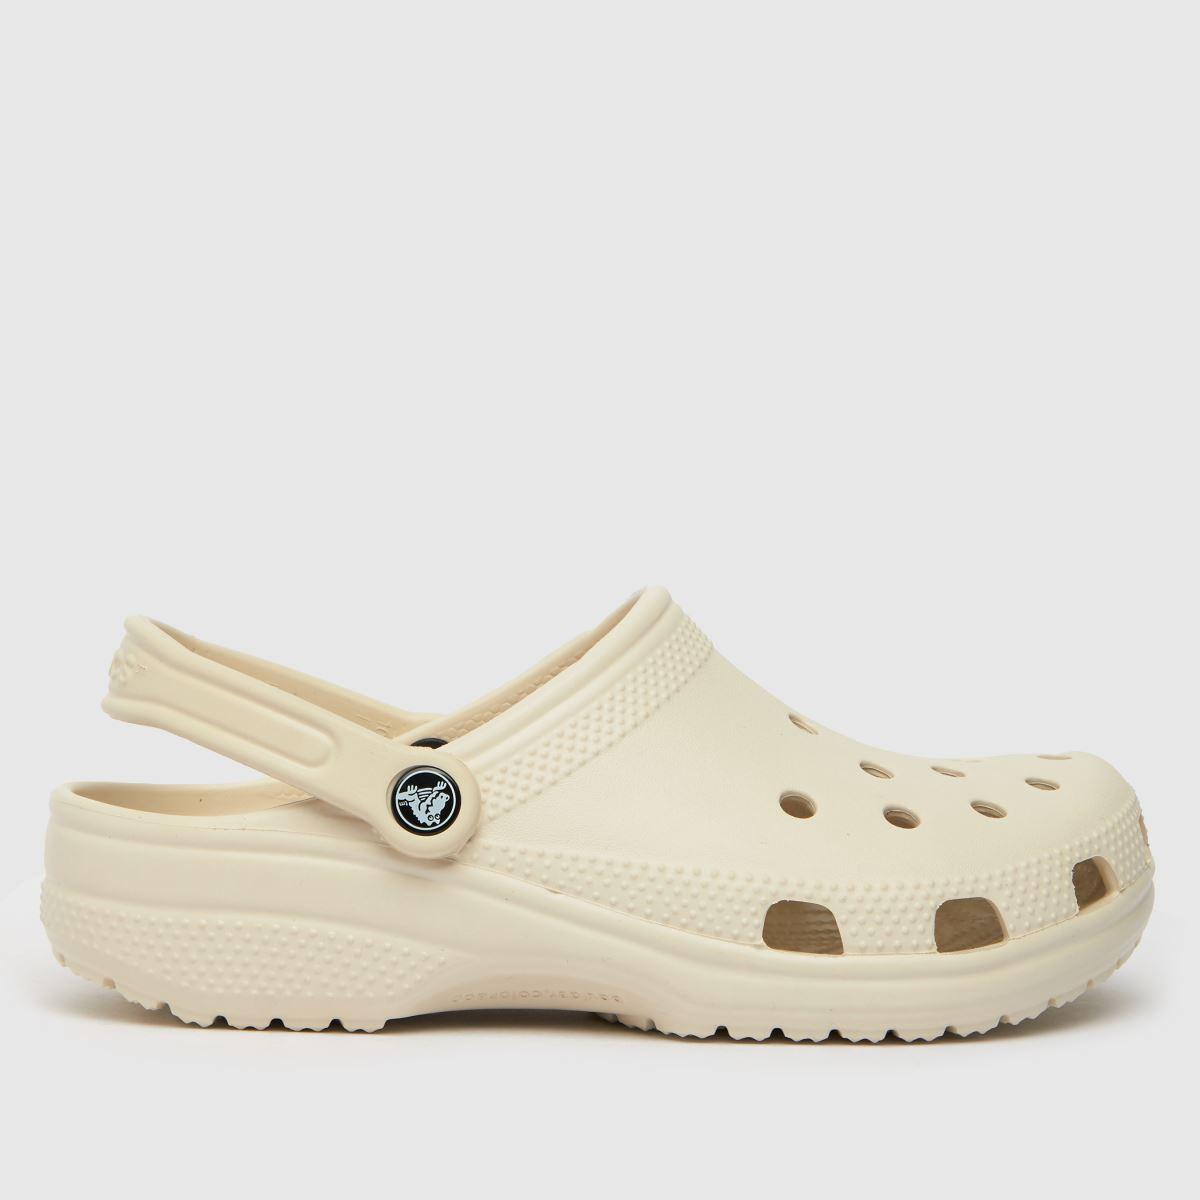 Crocs Natural Classic Clog Sandals